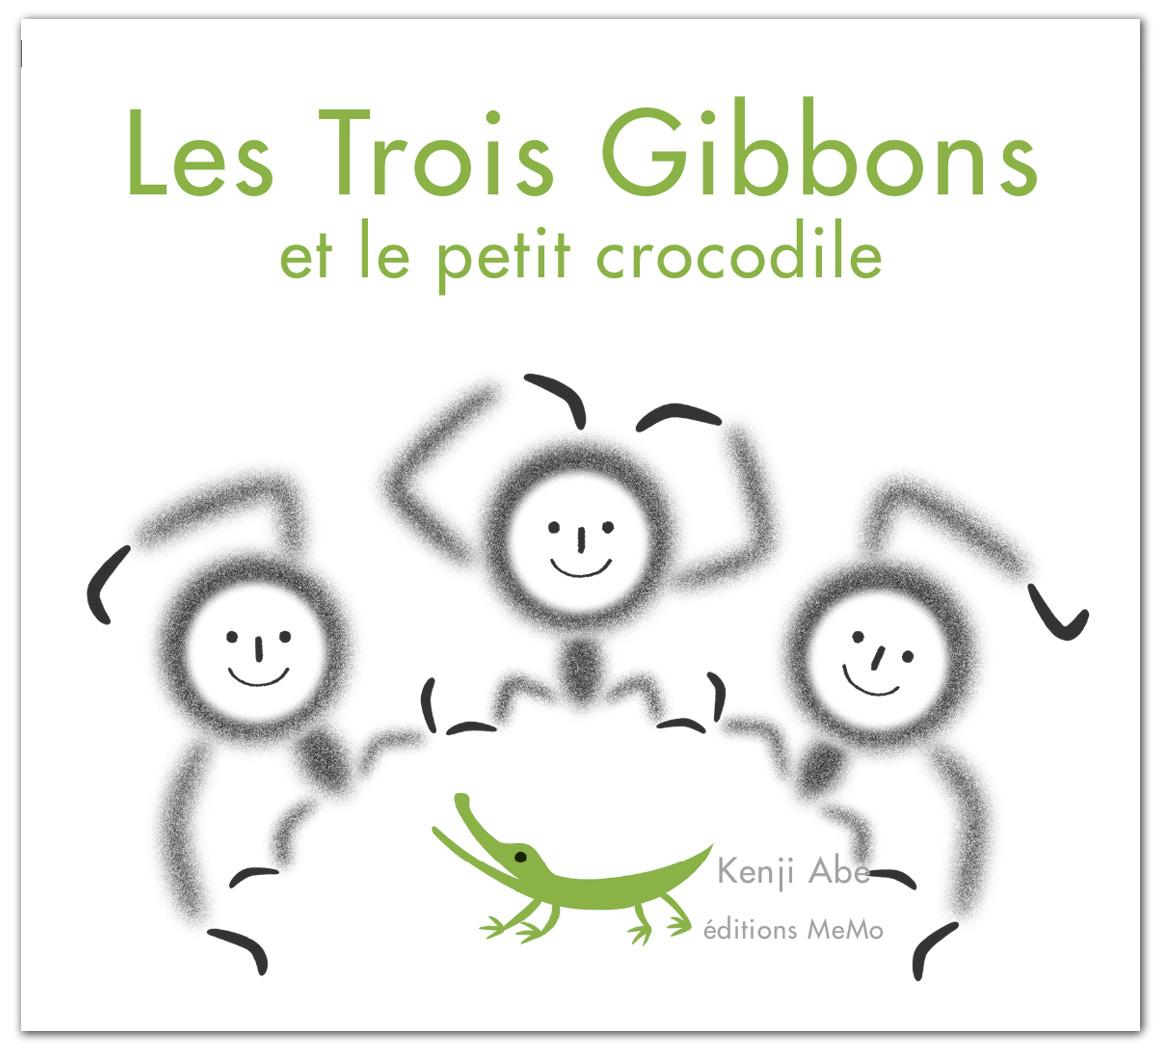 Les trois gibbons